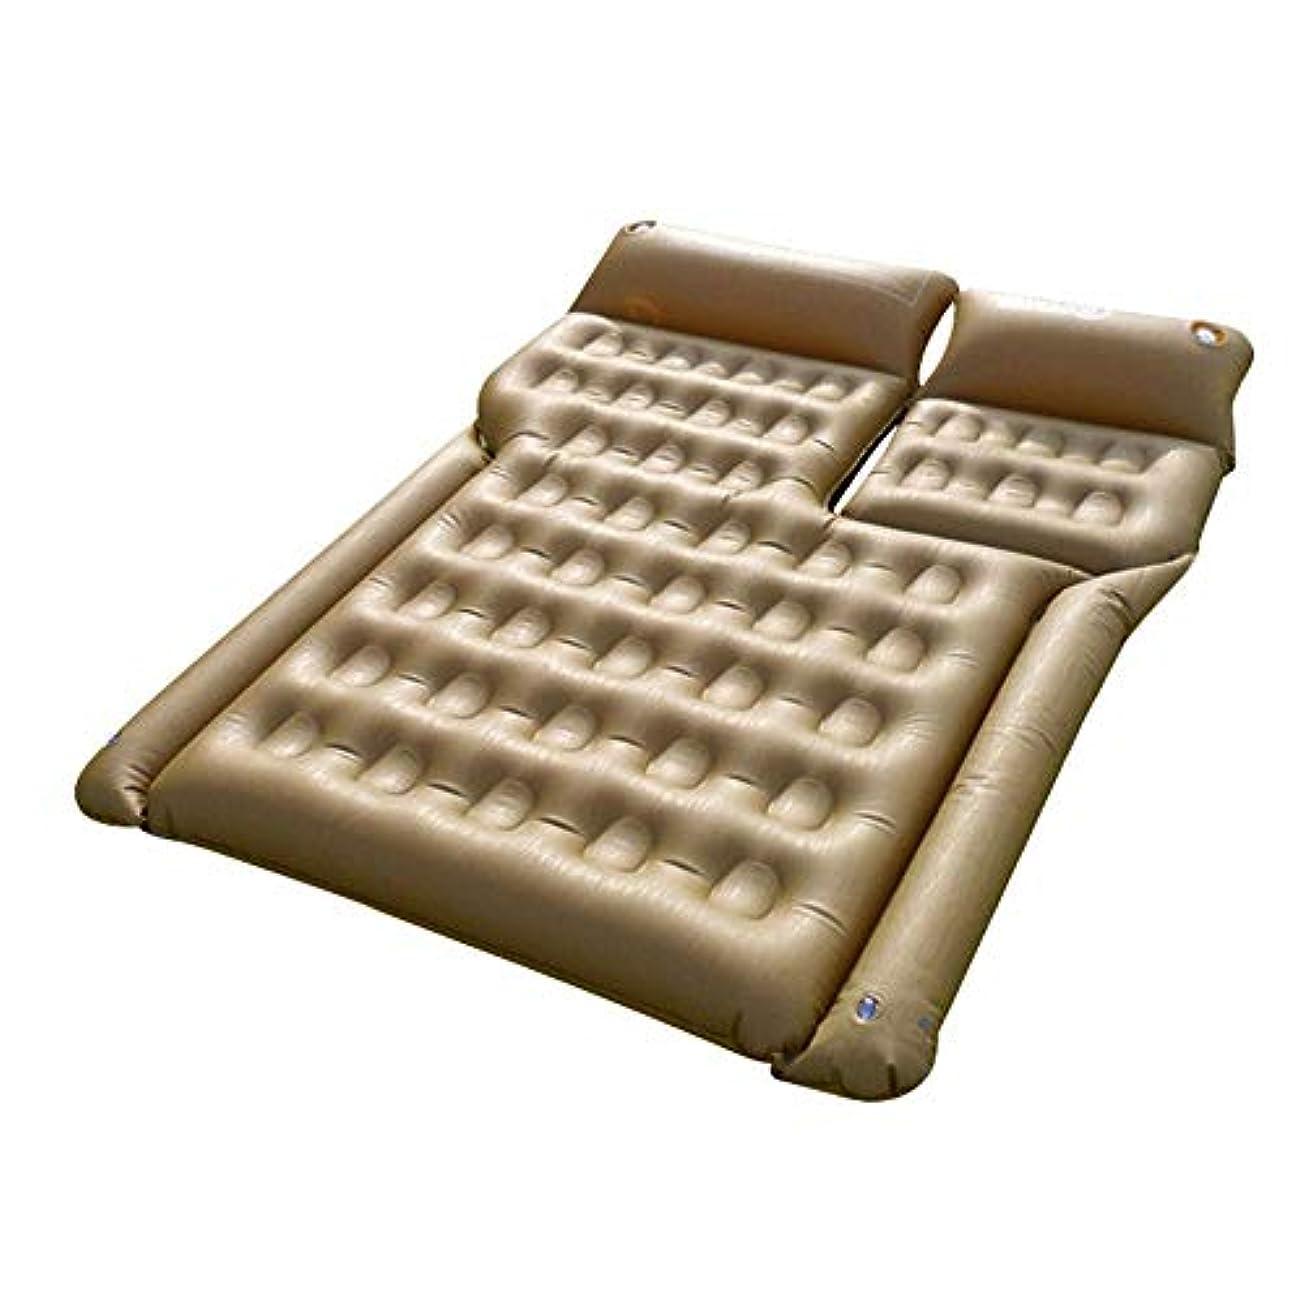 カートン潮バンFeelyer エアマットレスポータブル寝台車のマットレス多機能旅行睡眠パッドほとんどのモデルに適して 顧客に愛されて (色 : 緑, サイズ : 180cm*145*22cm)